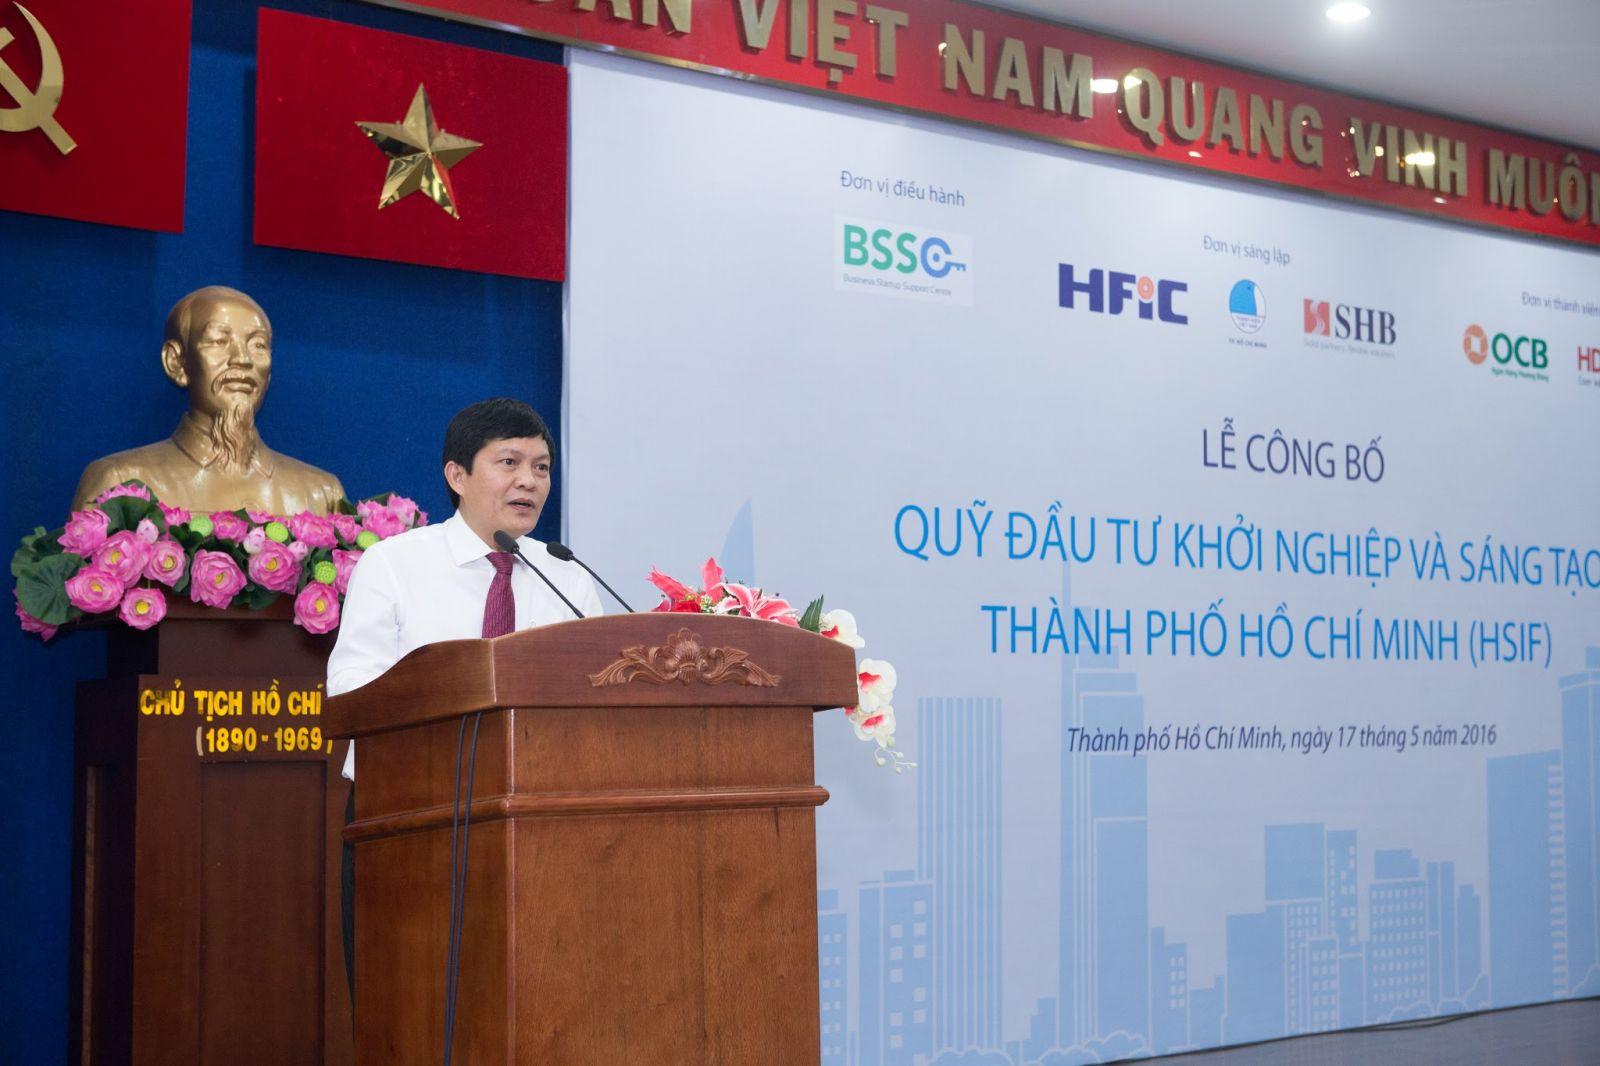 Phạm Phú Quốc (Tổng Giám đốc Công ty Đầu tư Tài chính Nhà nước TPHCM – HFIC) phát biểu tại buổi lễ